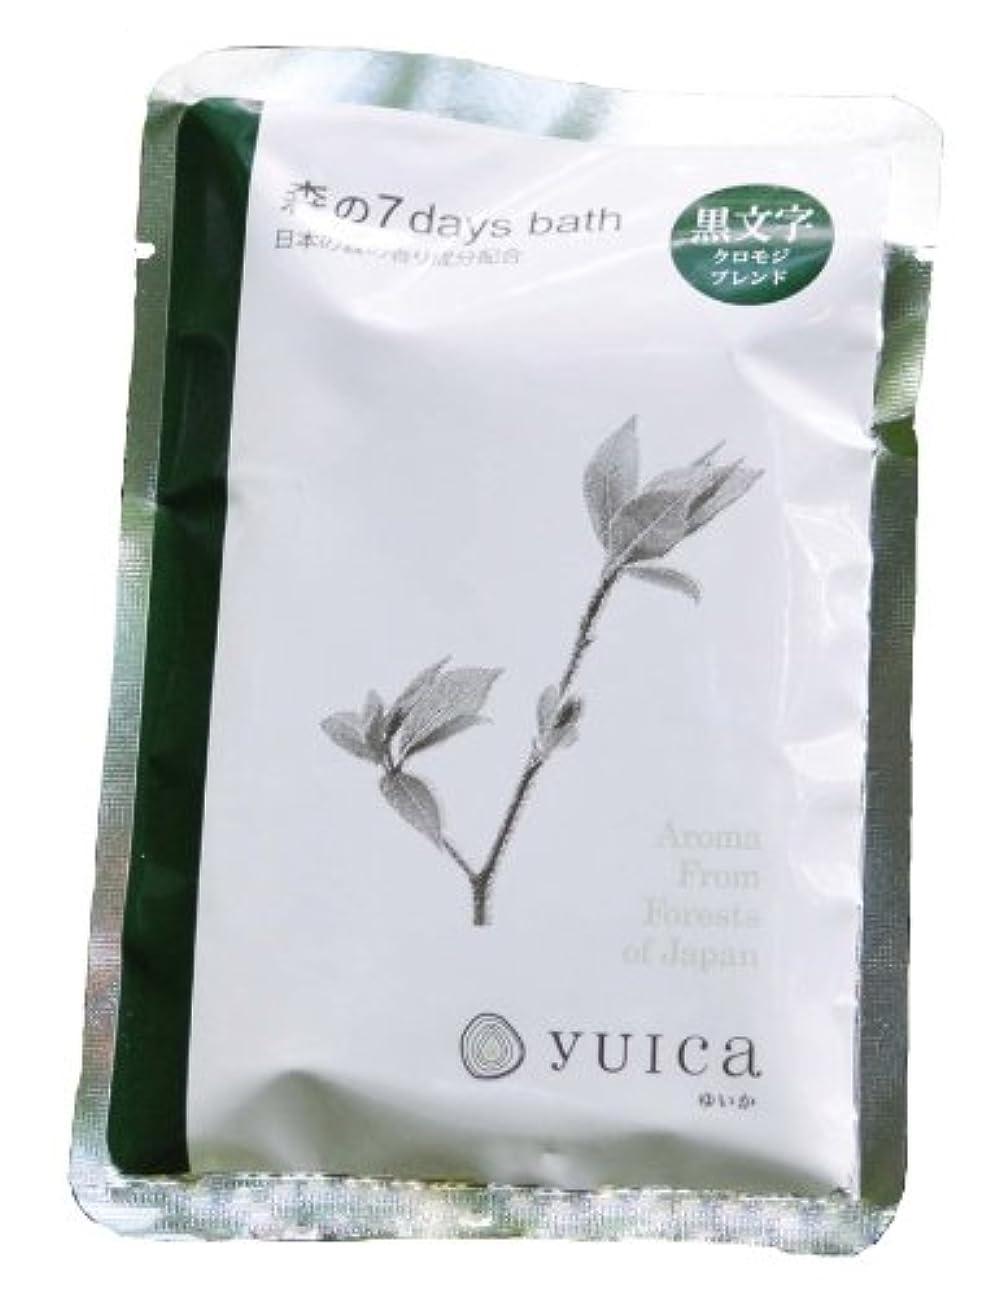 死ぬはさみ負荷yuica 森の7 days bath(入浴パウダー)やすらぎの香り(クロモジブレンド) 60g